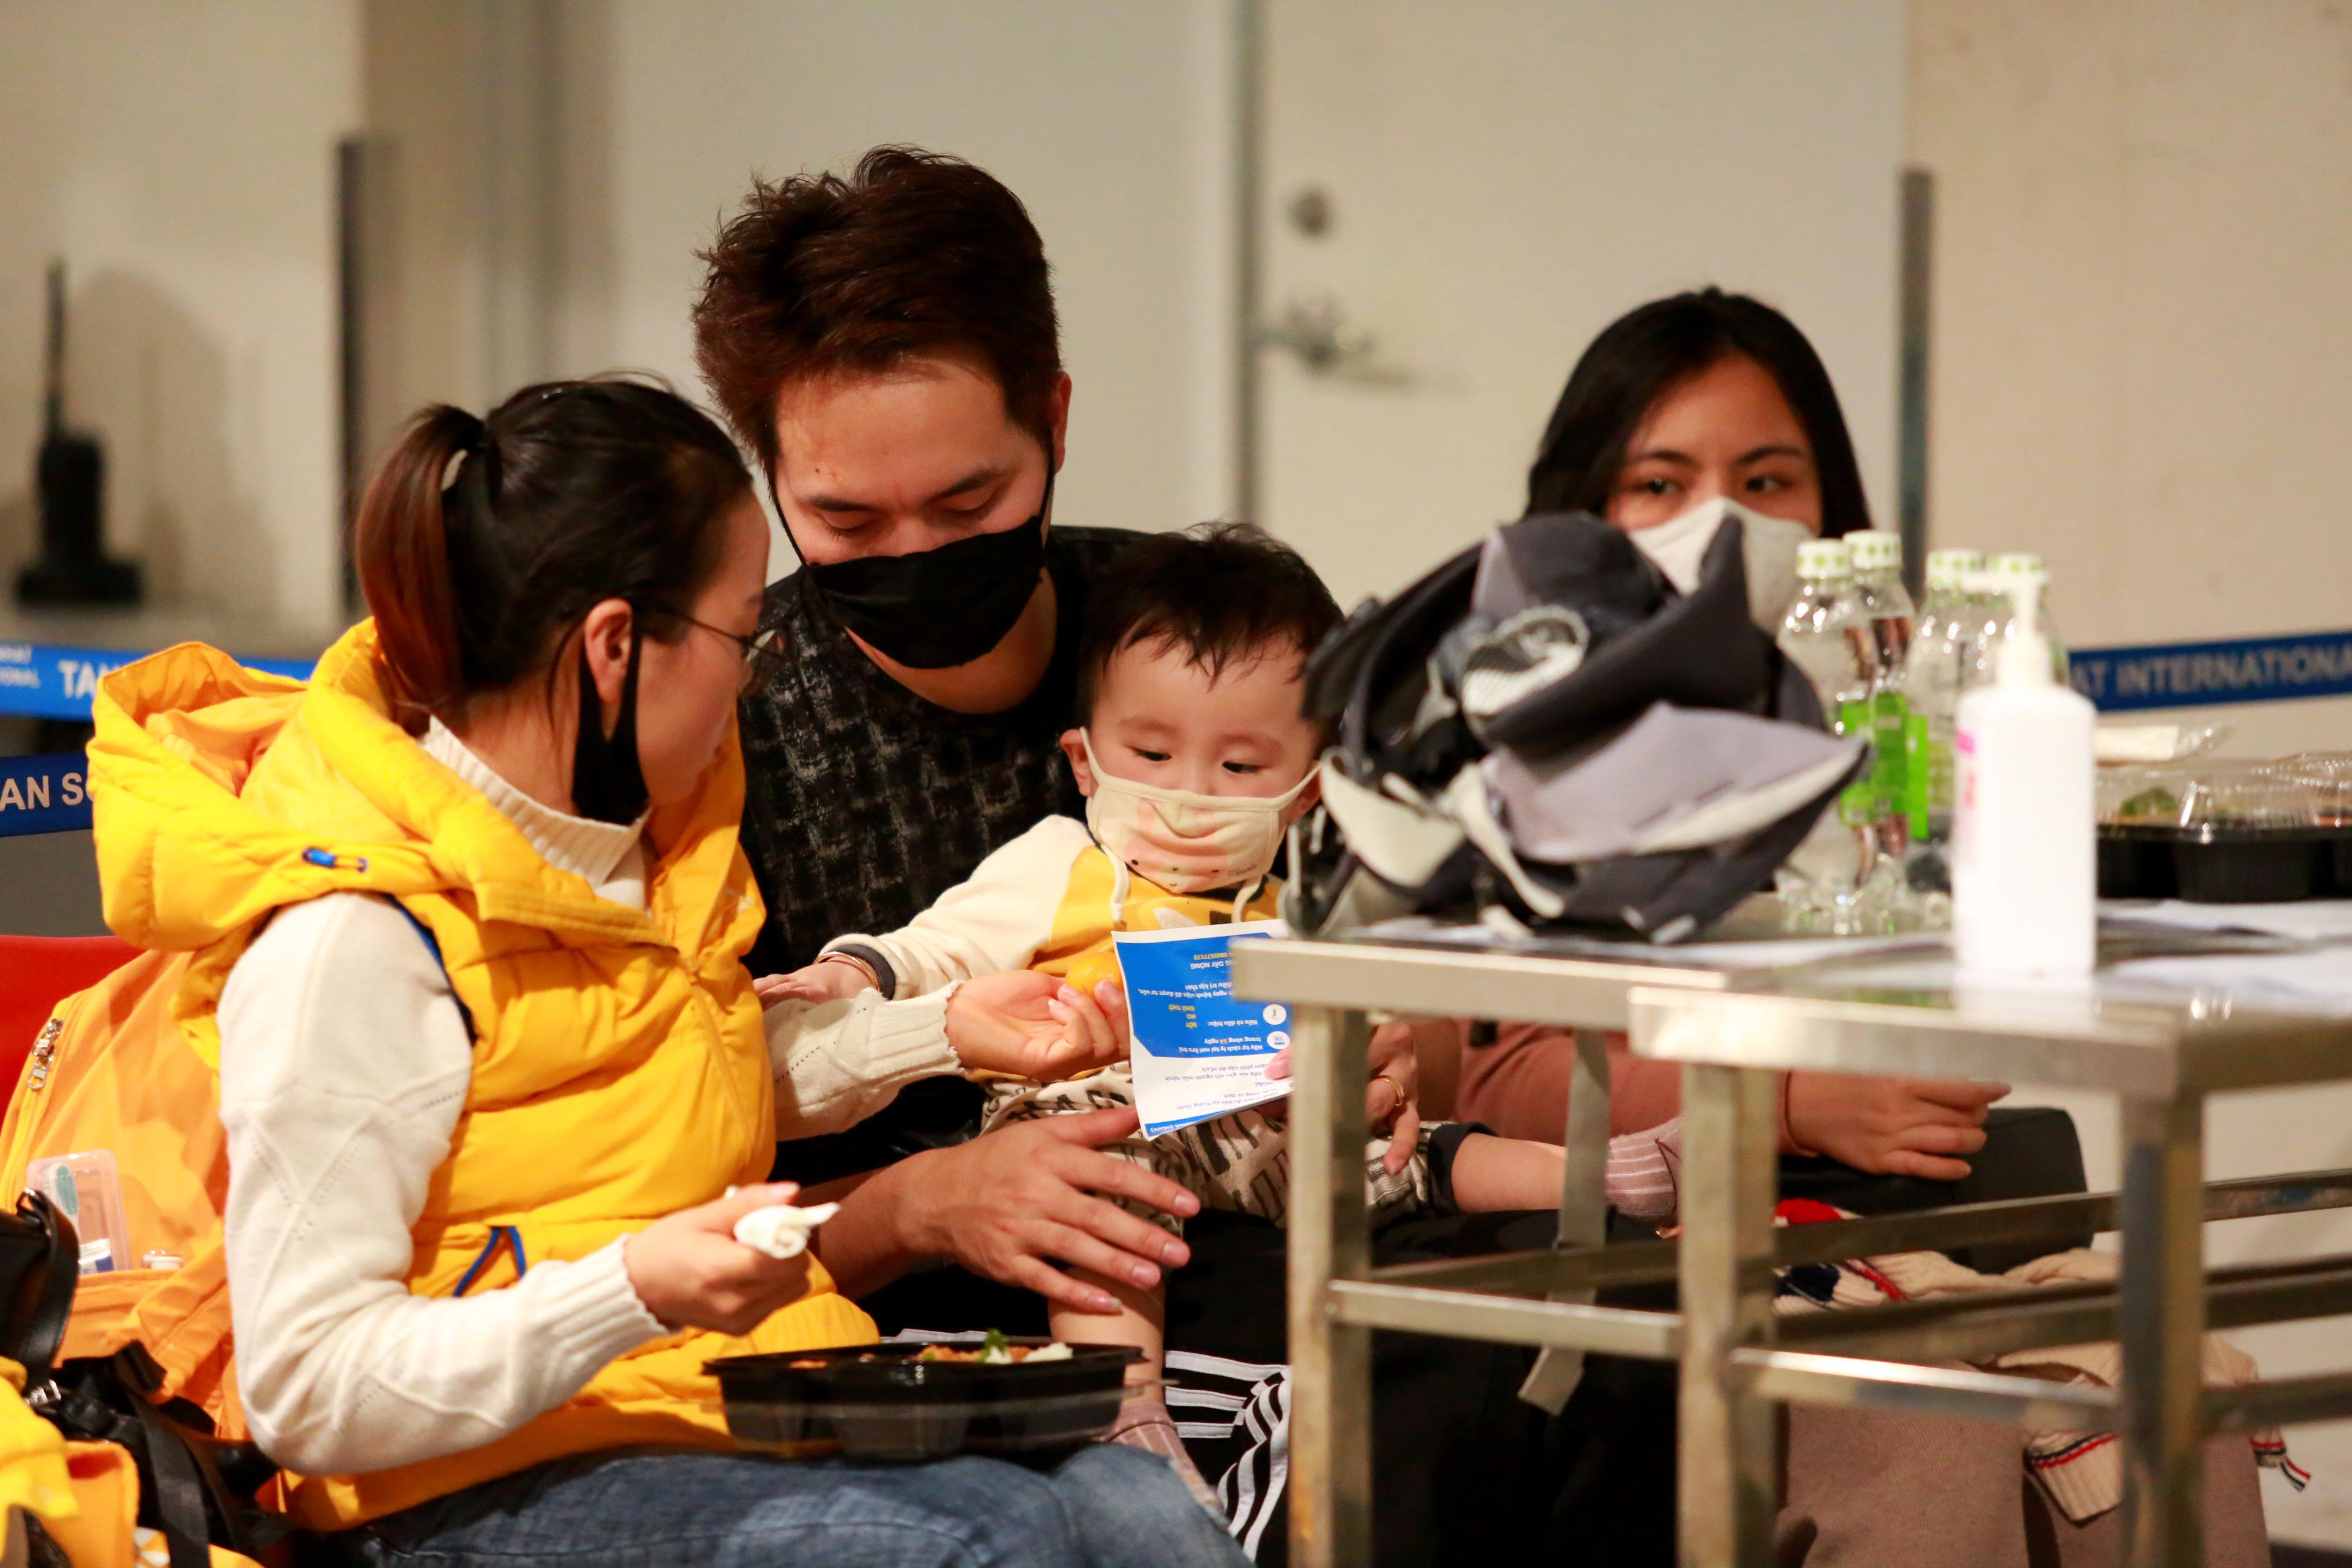 Trong nhiều ngày nay, nhiều người Việt trở về từ Hàn Quốc đã được kiếm tra sức khoẻ, đồng được đưa về các cơ sở y tế bố trí sẵn để cách ly 14 ngày.